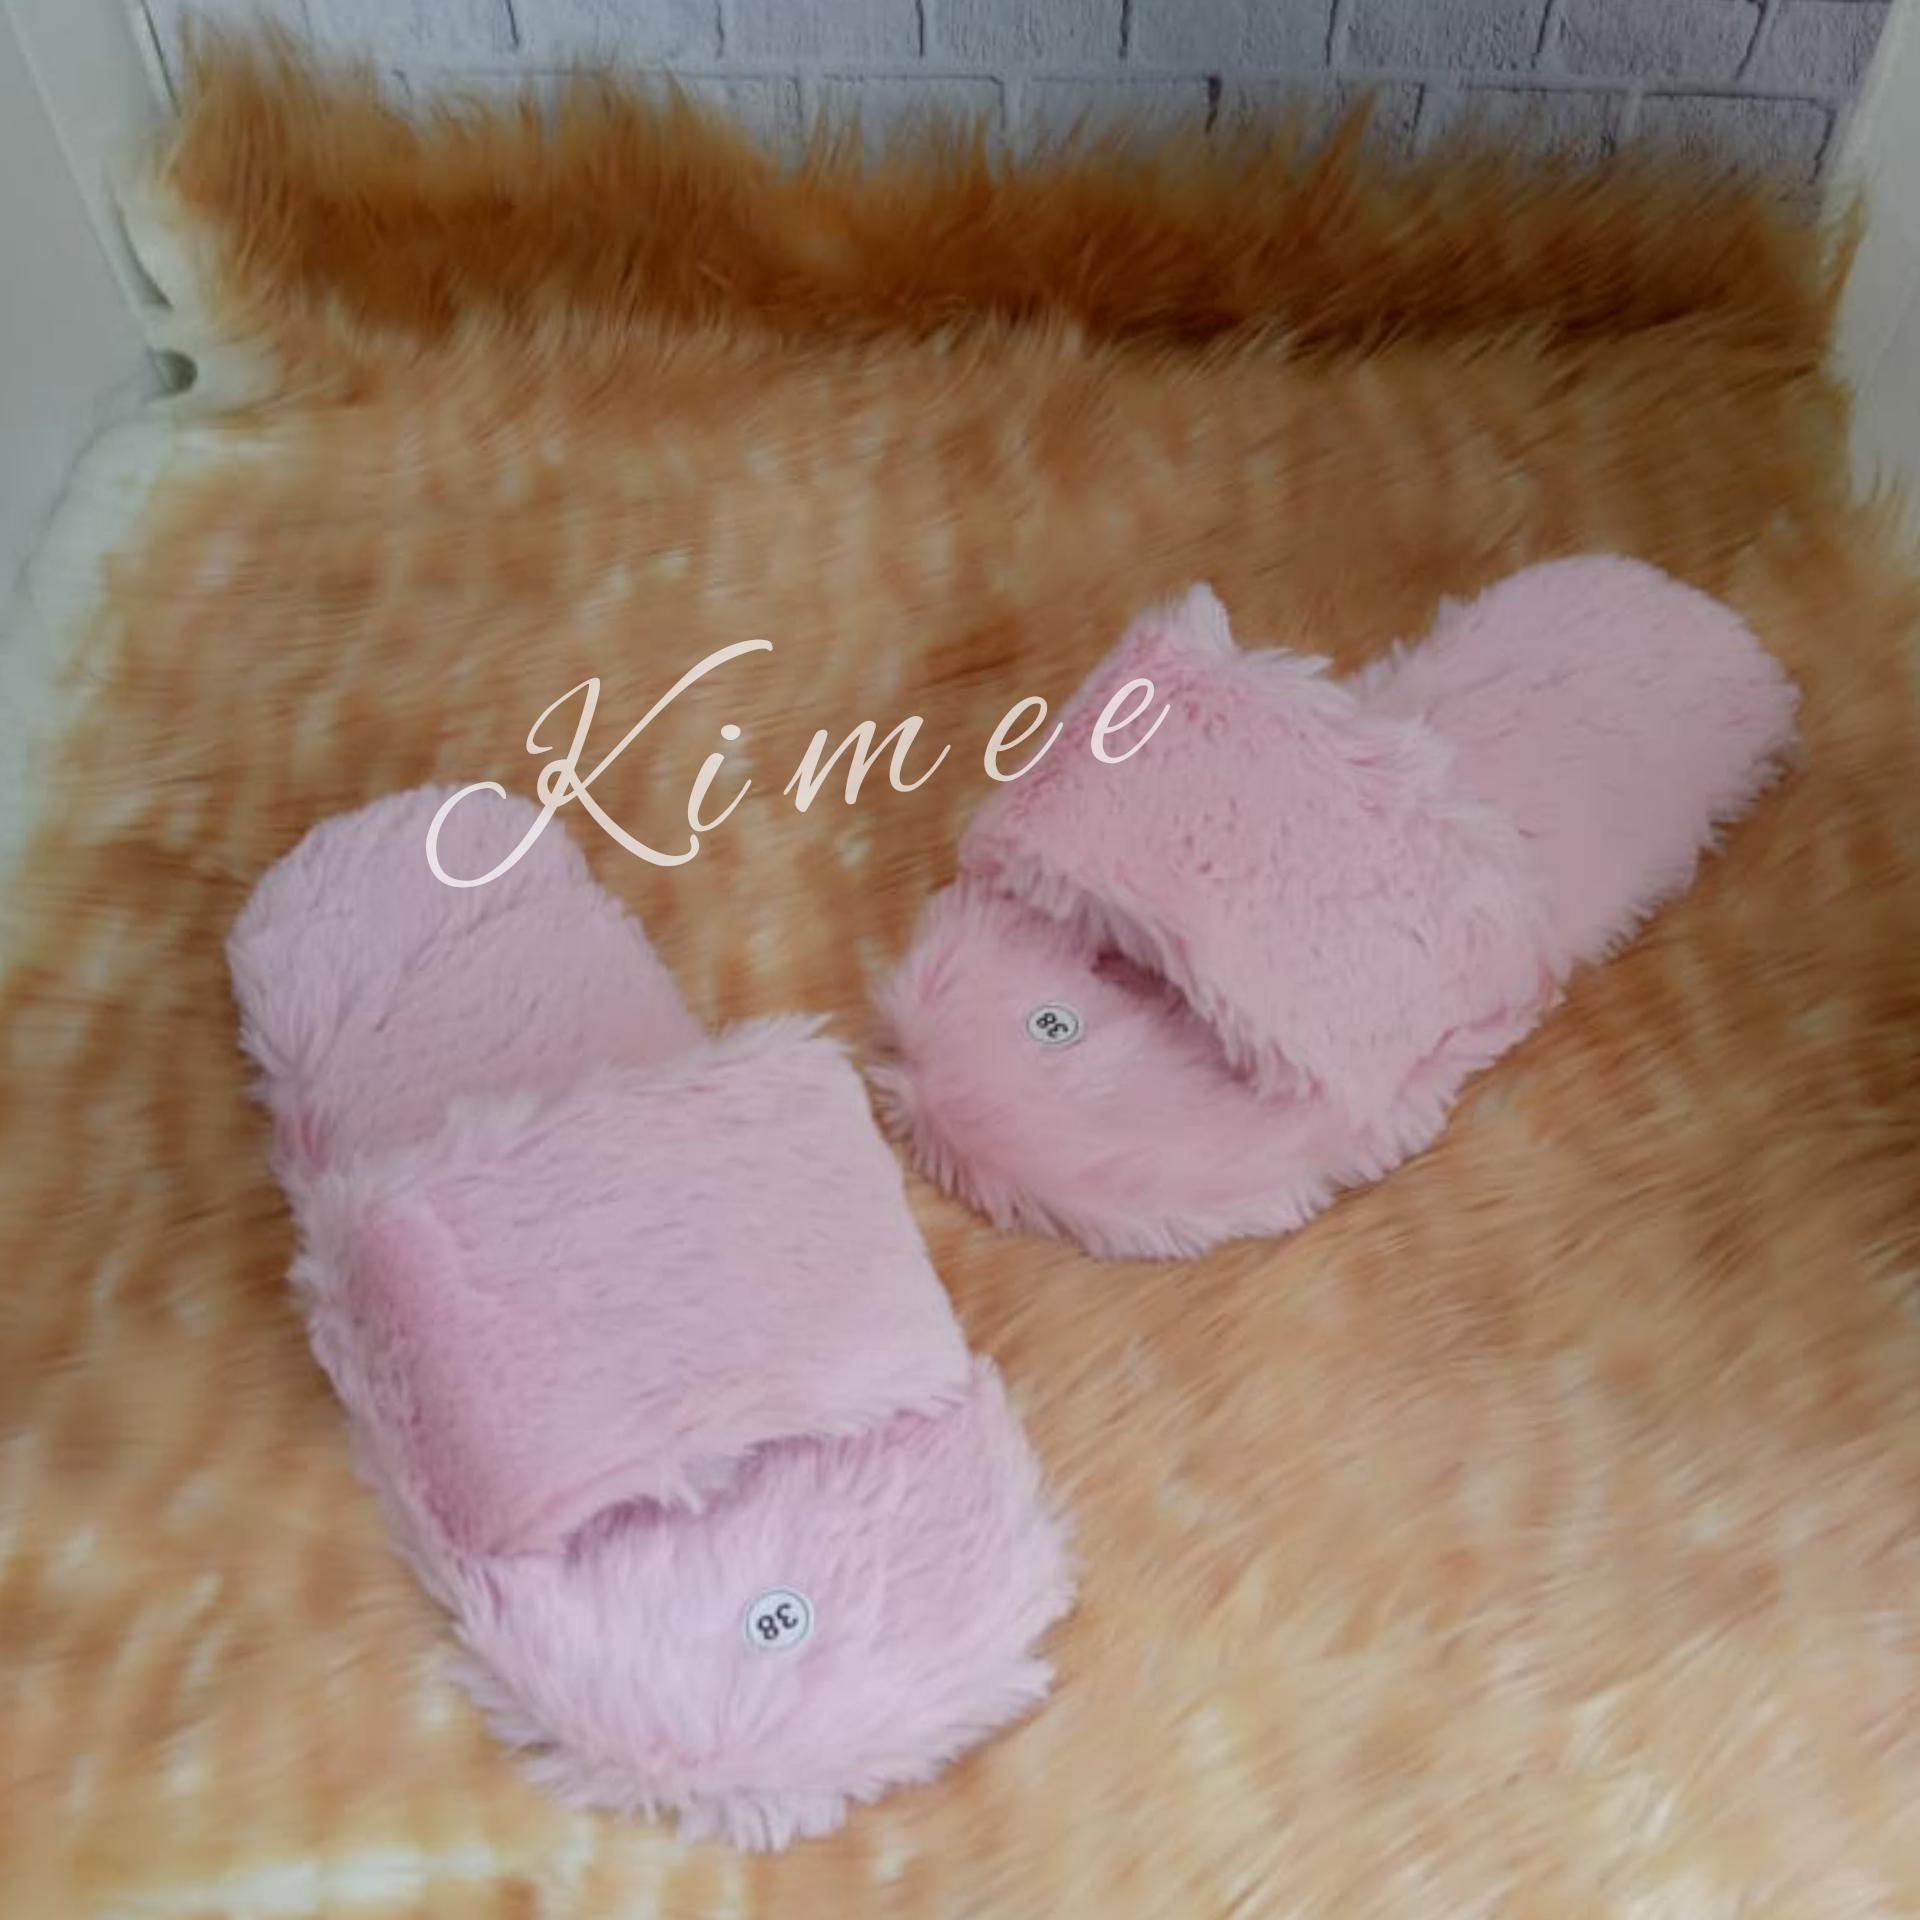 Detail Gambar Kimee - Sandal Bulu / Sandal Rumahan / Sandal Wanita Bulu / Sandal Wanita / Sandal Kokop Bulu STB.02 Terbaru